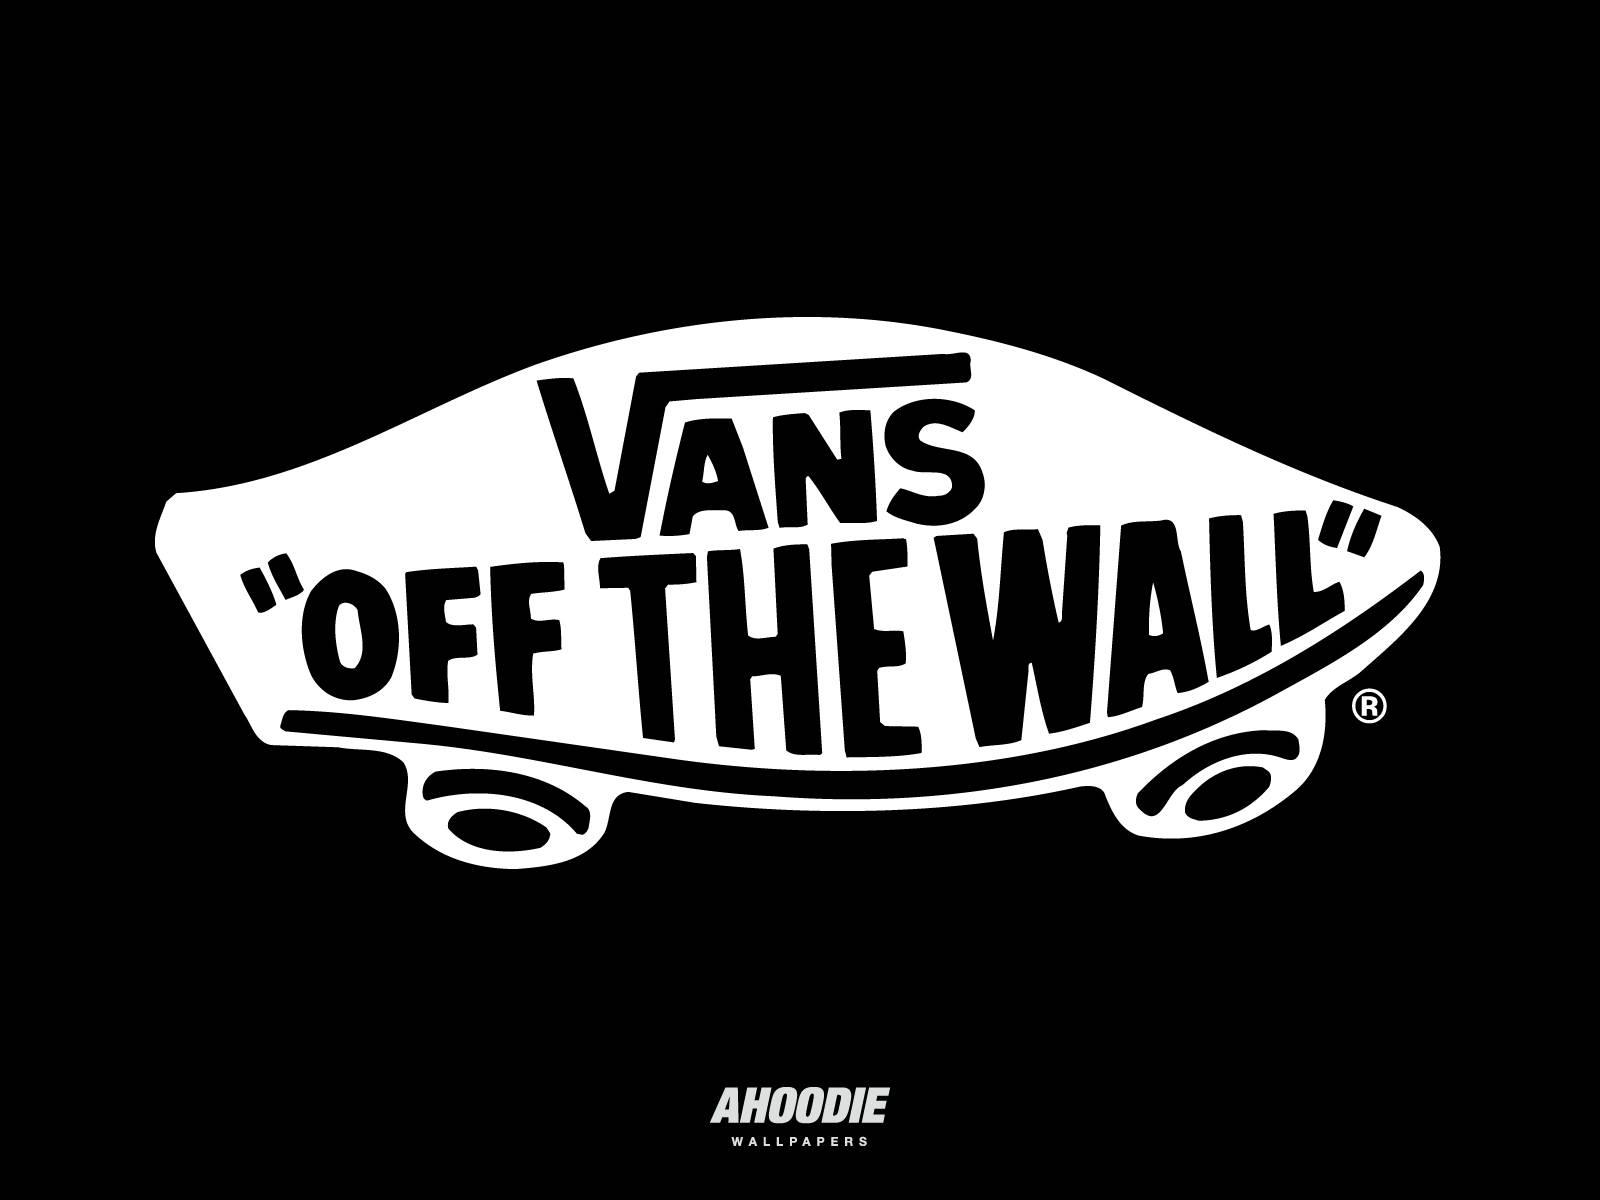 calidad realmente cómodo verse bien zapatos venta Vans Off the Wall Wallpapers - Top Free Vans Off the Wall ...